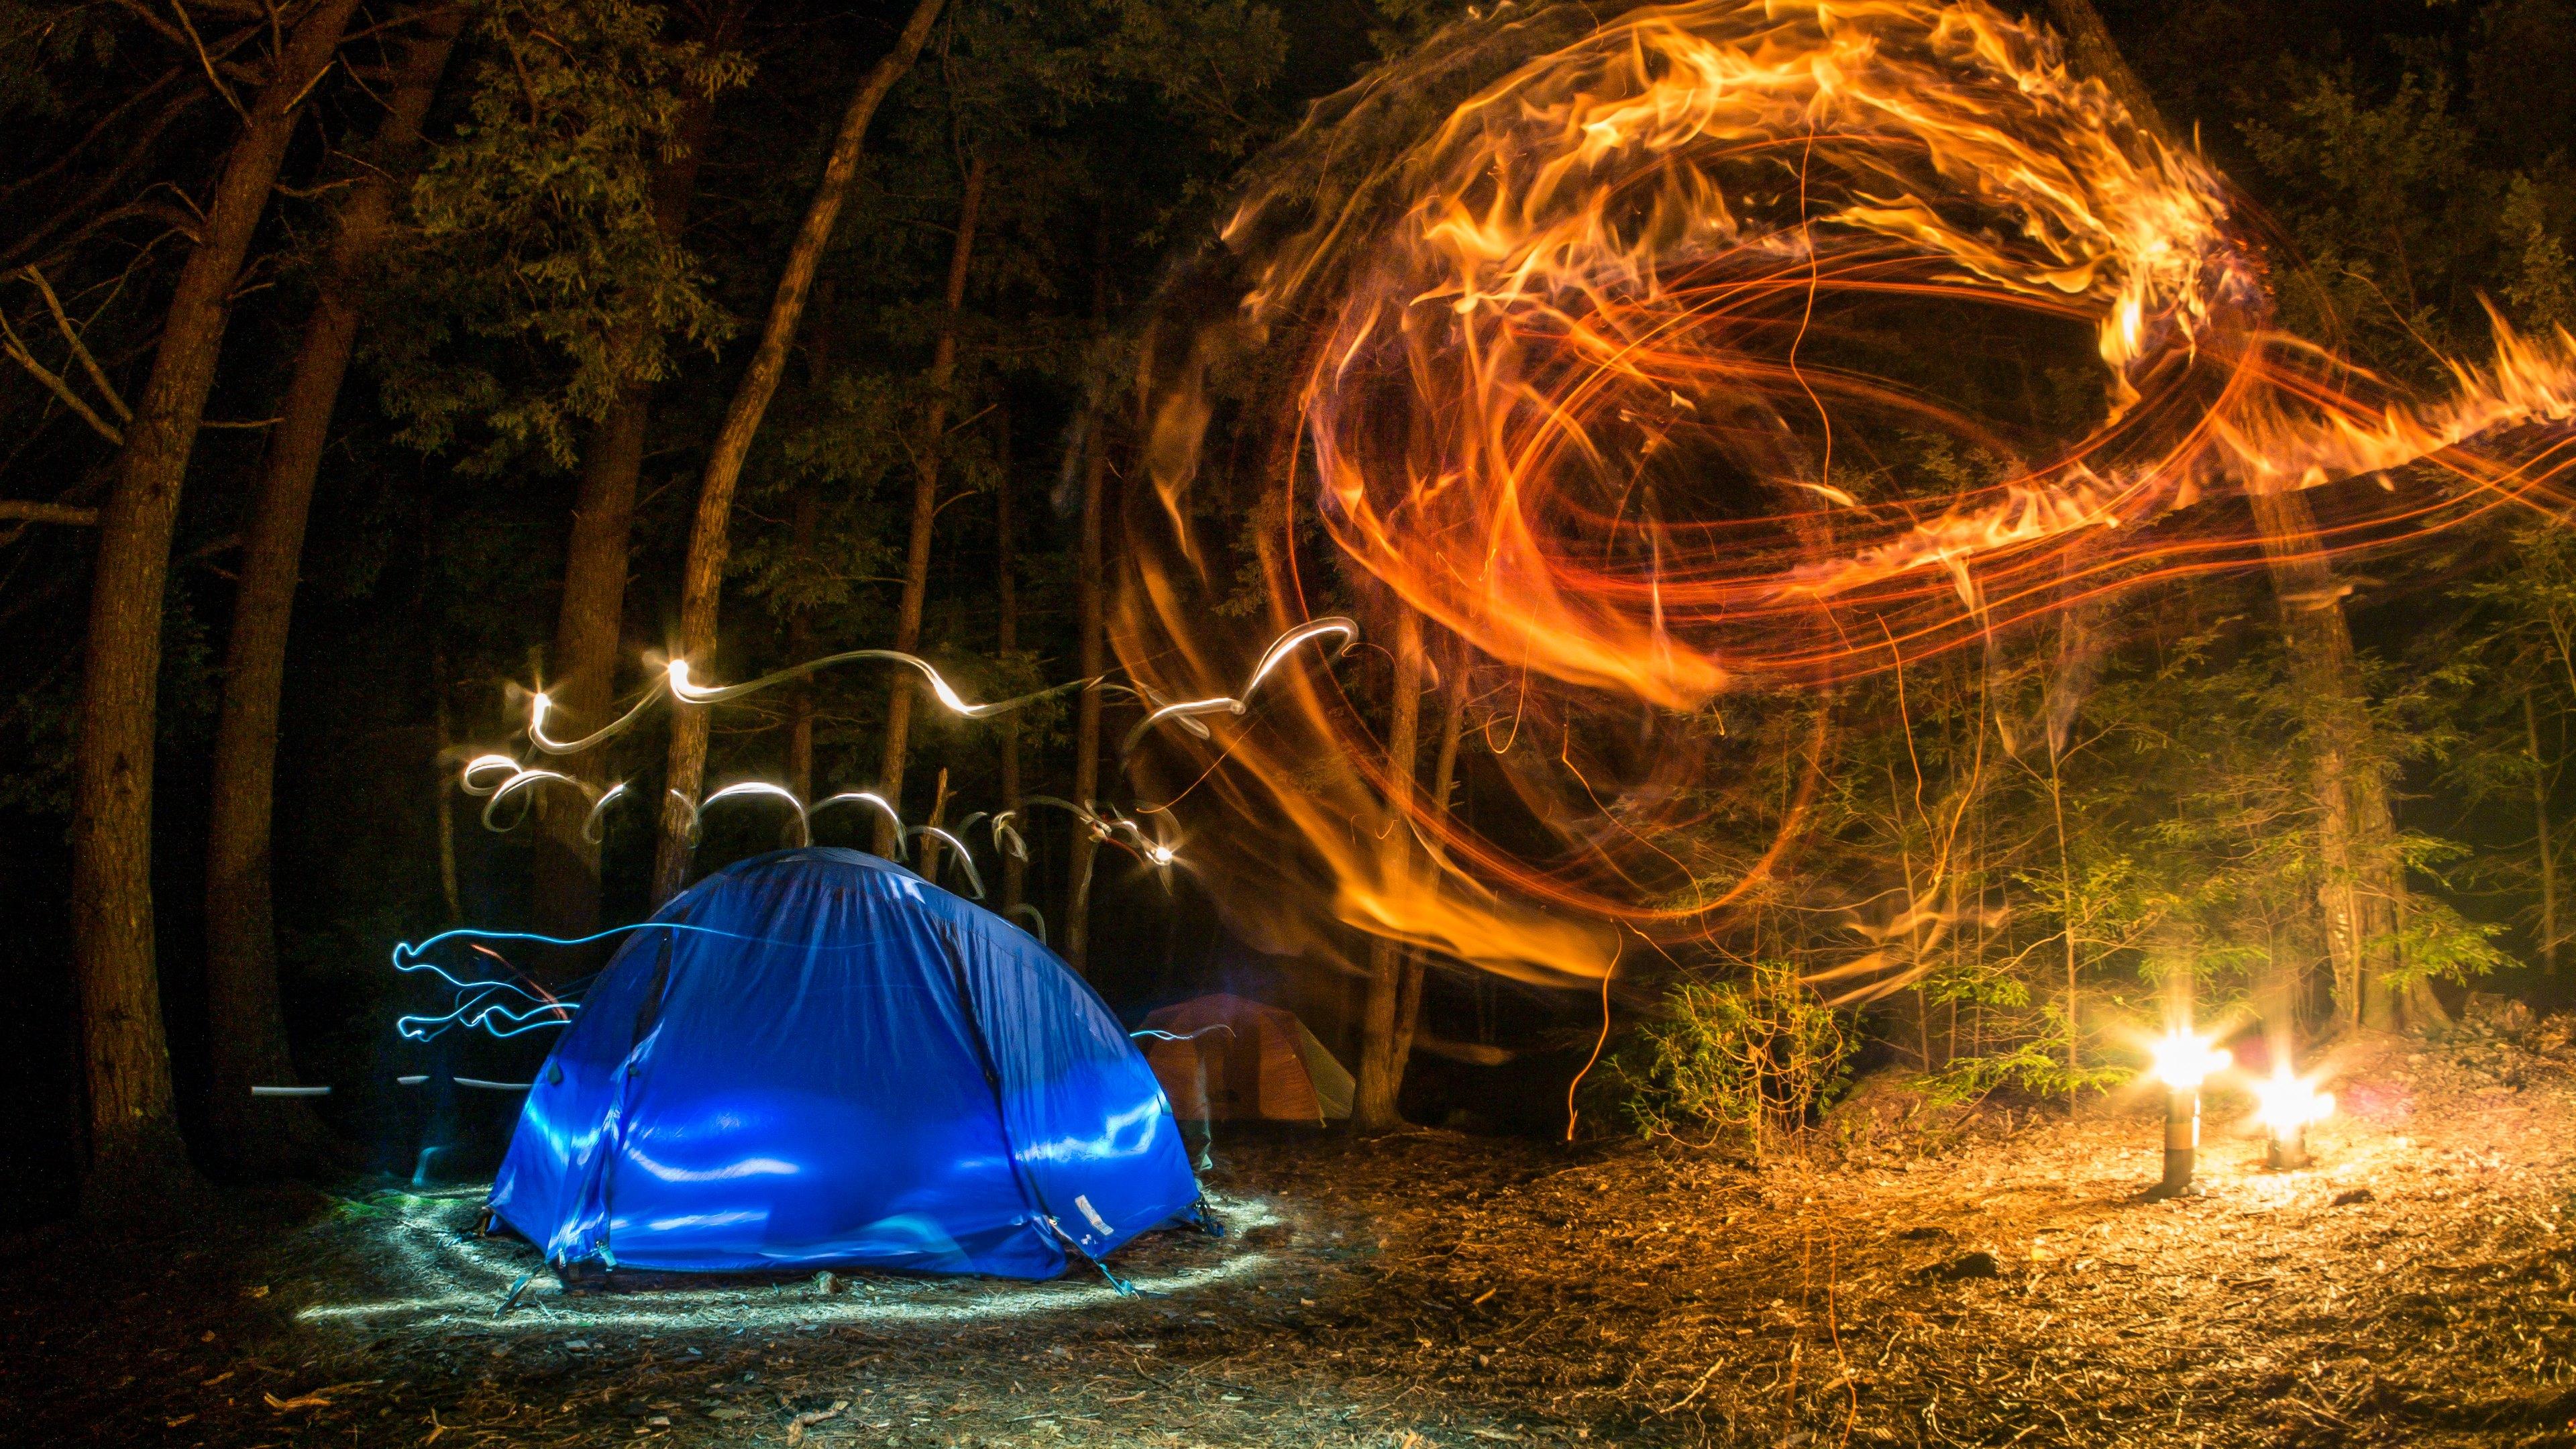 Camping HD Wallpaper - WallpaperSafari Camping Forest Wallpaper